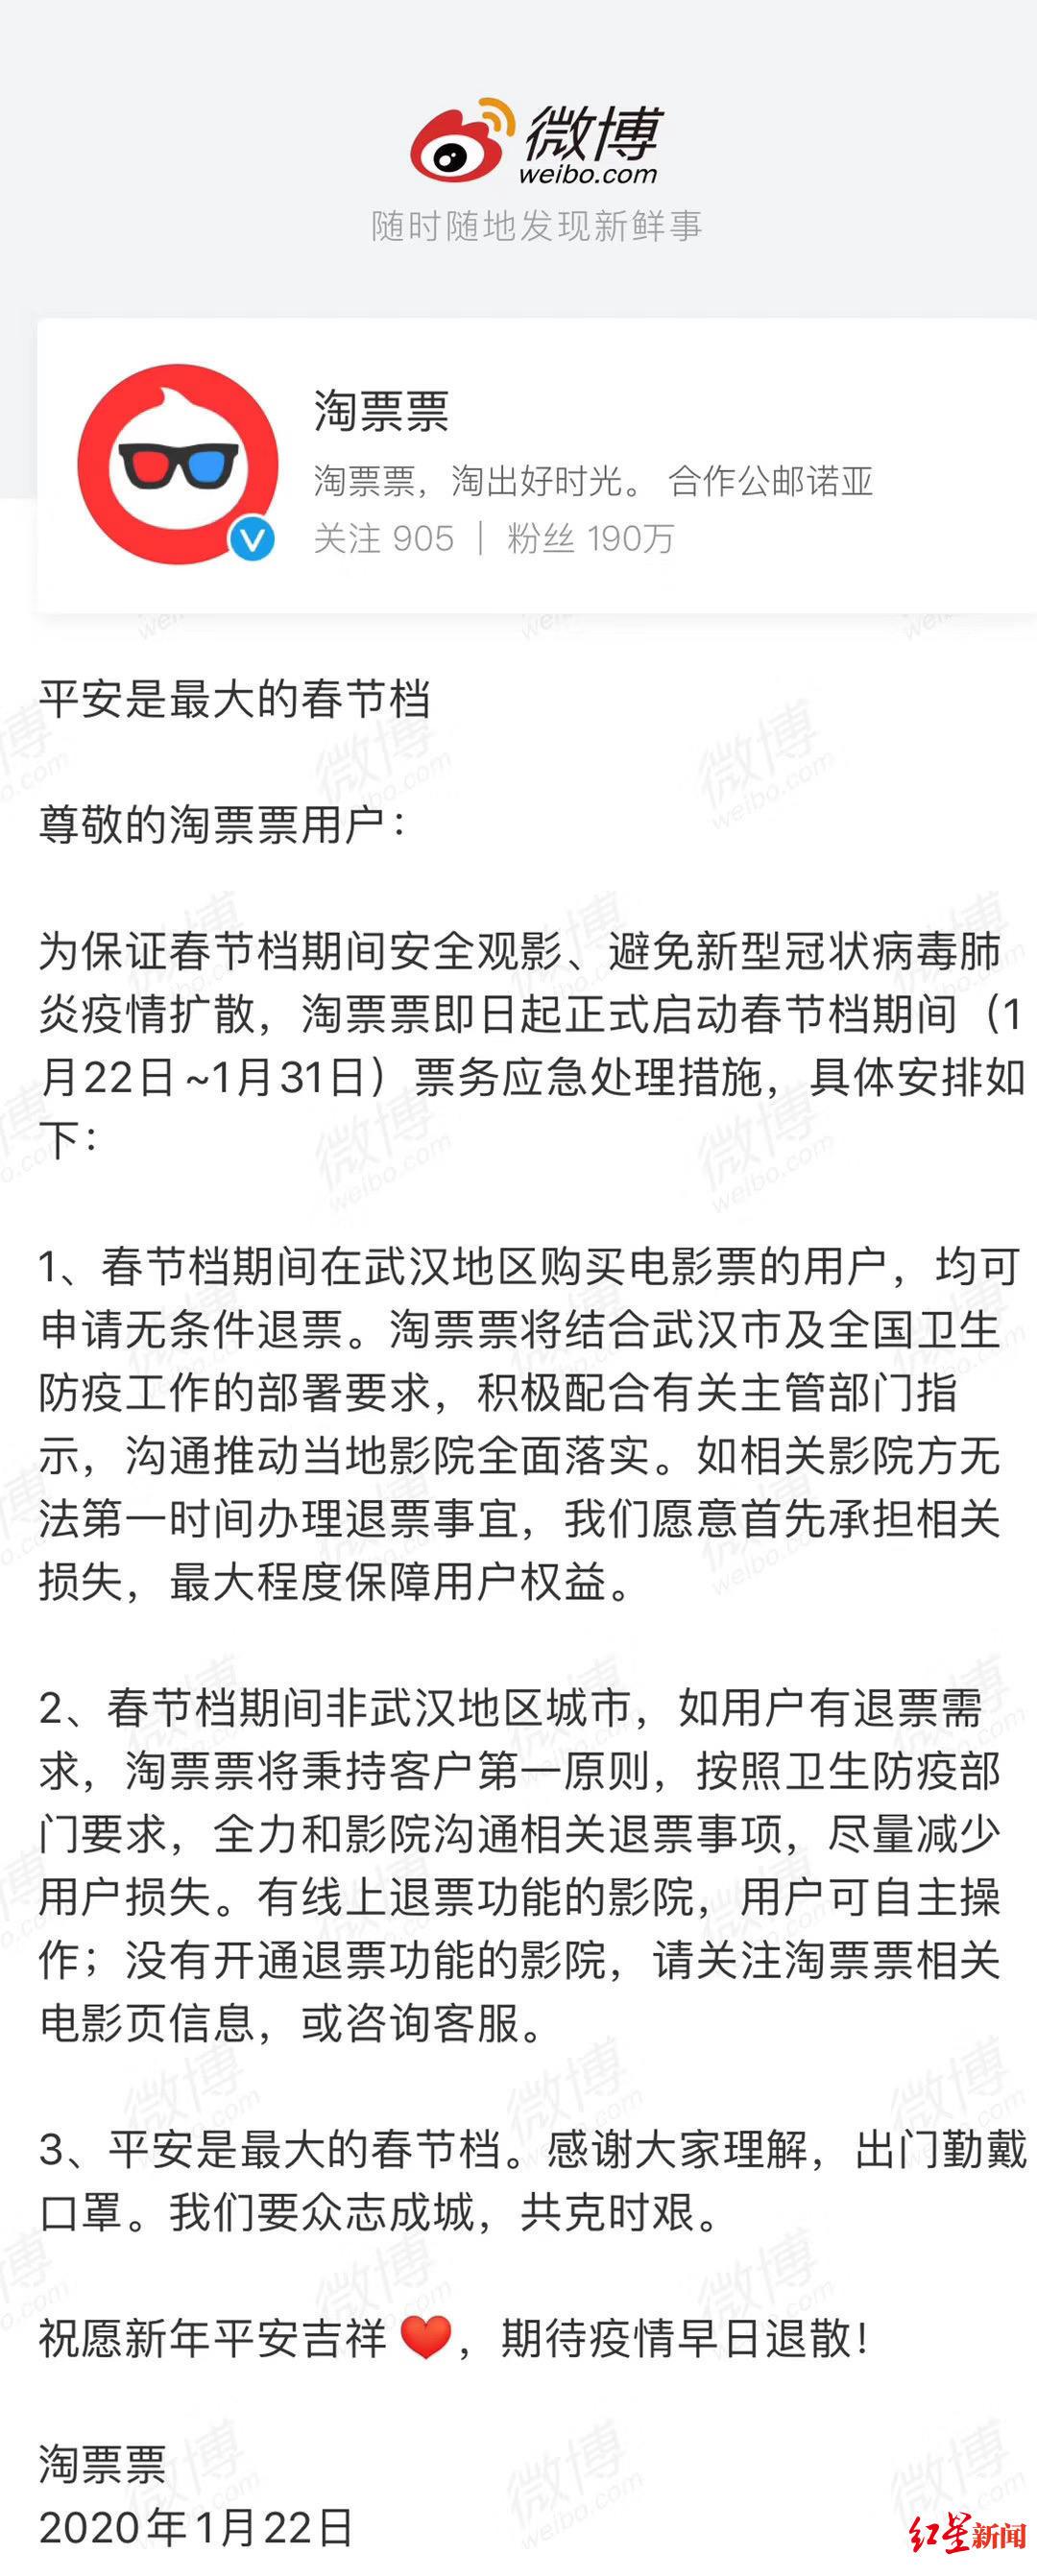 重庆大学民主湖论坛肺炎疫情对票房有影响,成